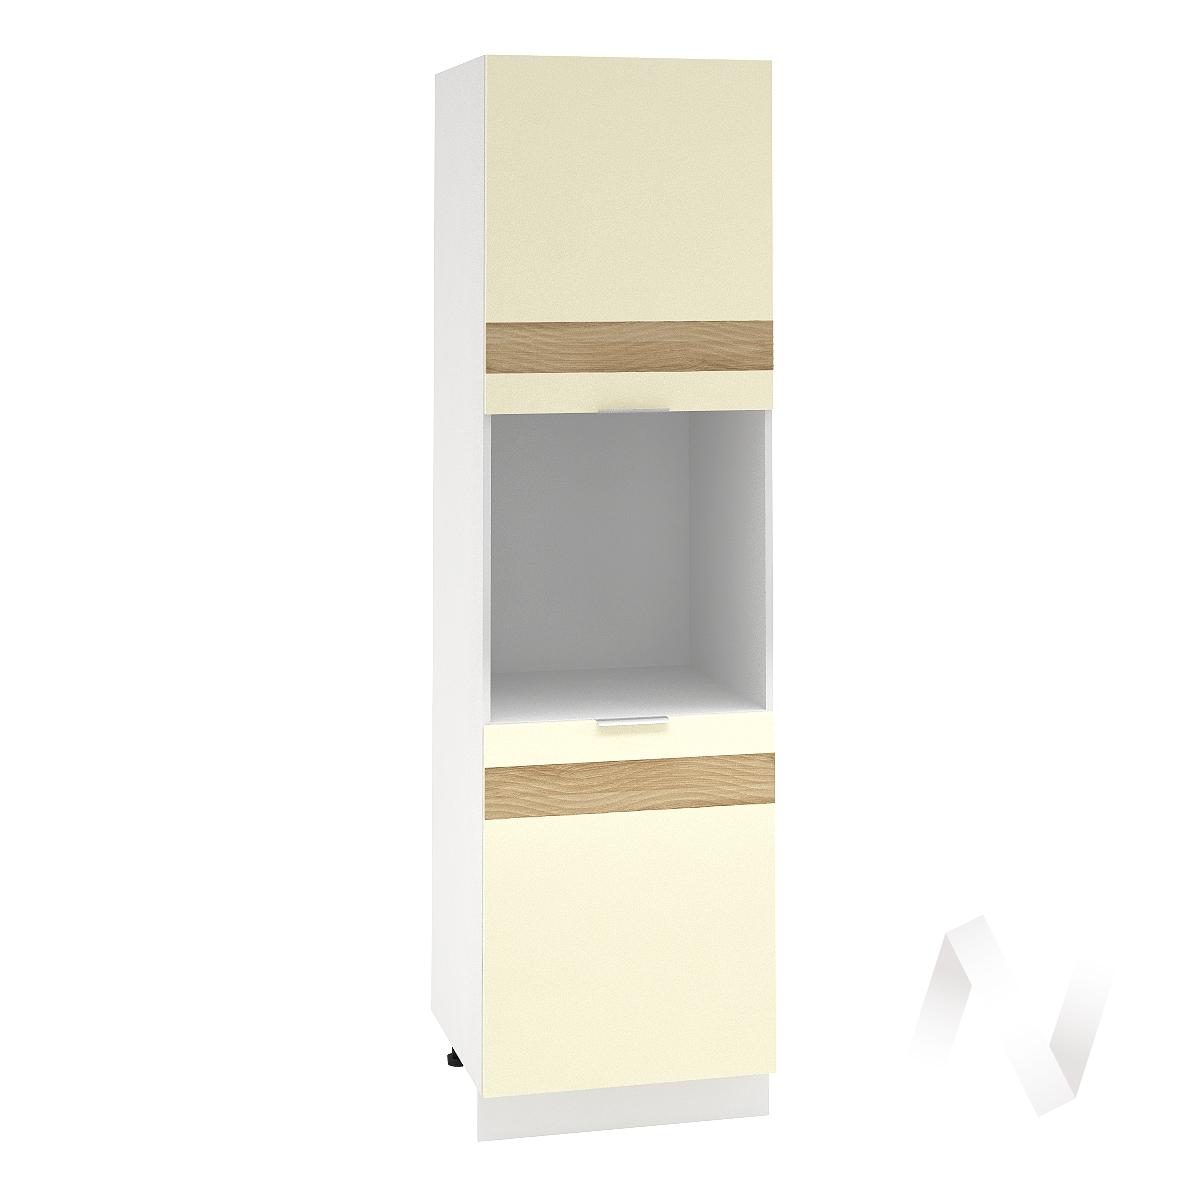 """Кухня """"Терра"""": Шкаф пенал левый 600, ШП 600 (ваниль софт/корпус белый)"""